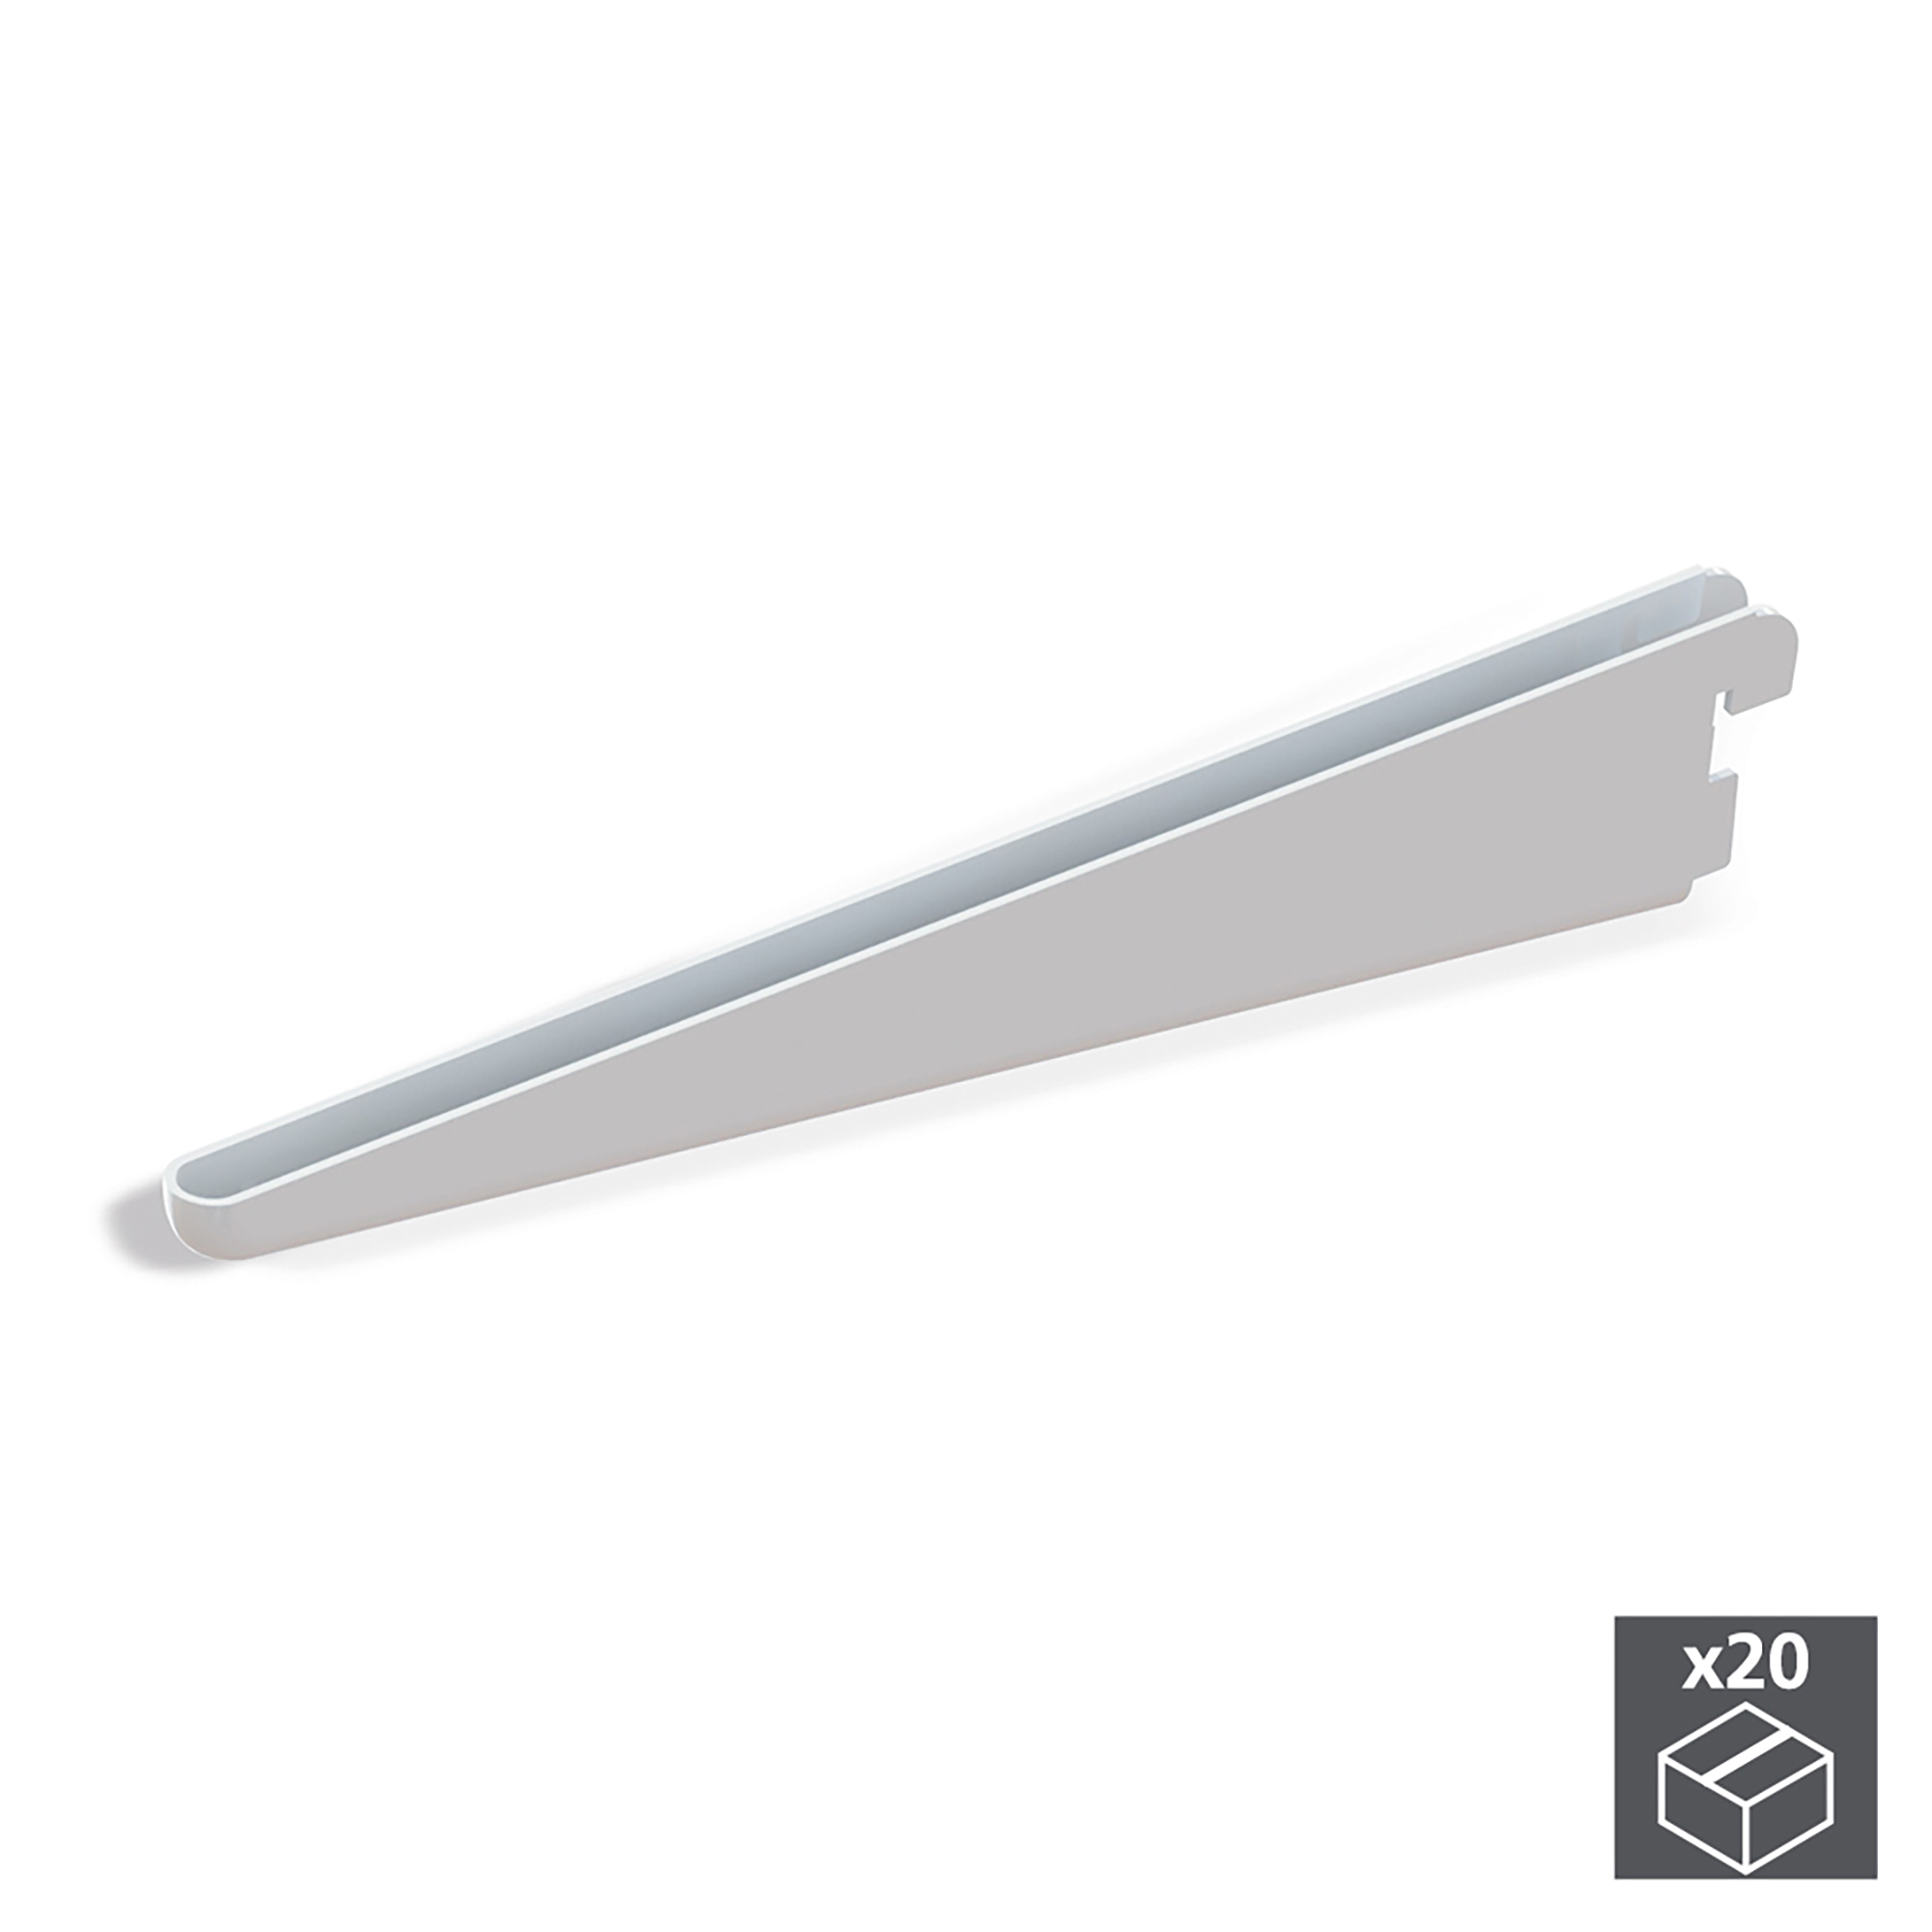 Emuca Supporto per ripiani di legno/vetro, profilo a passo 32 mm, 170 mm, Acciaio, Bianco, 20 u.